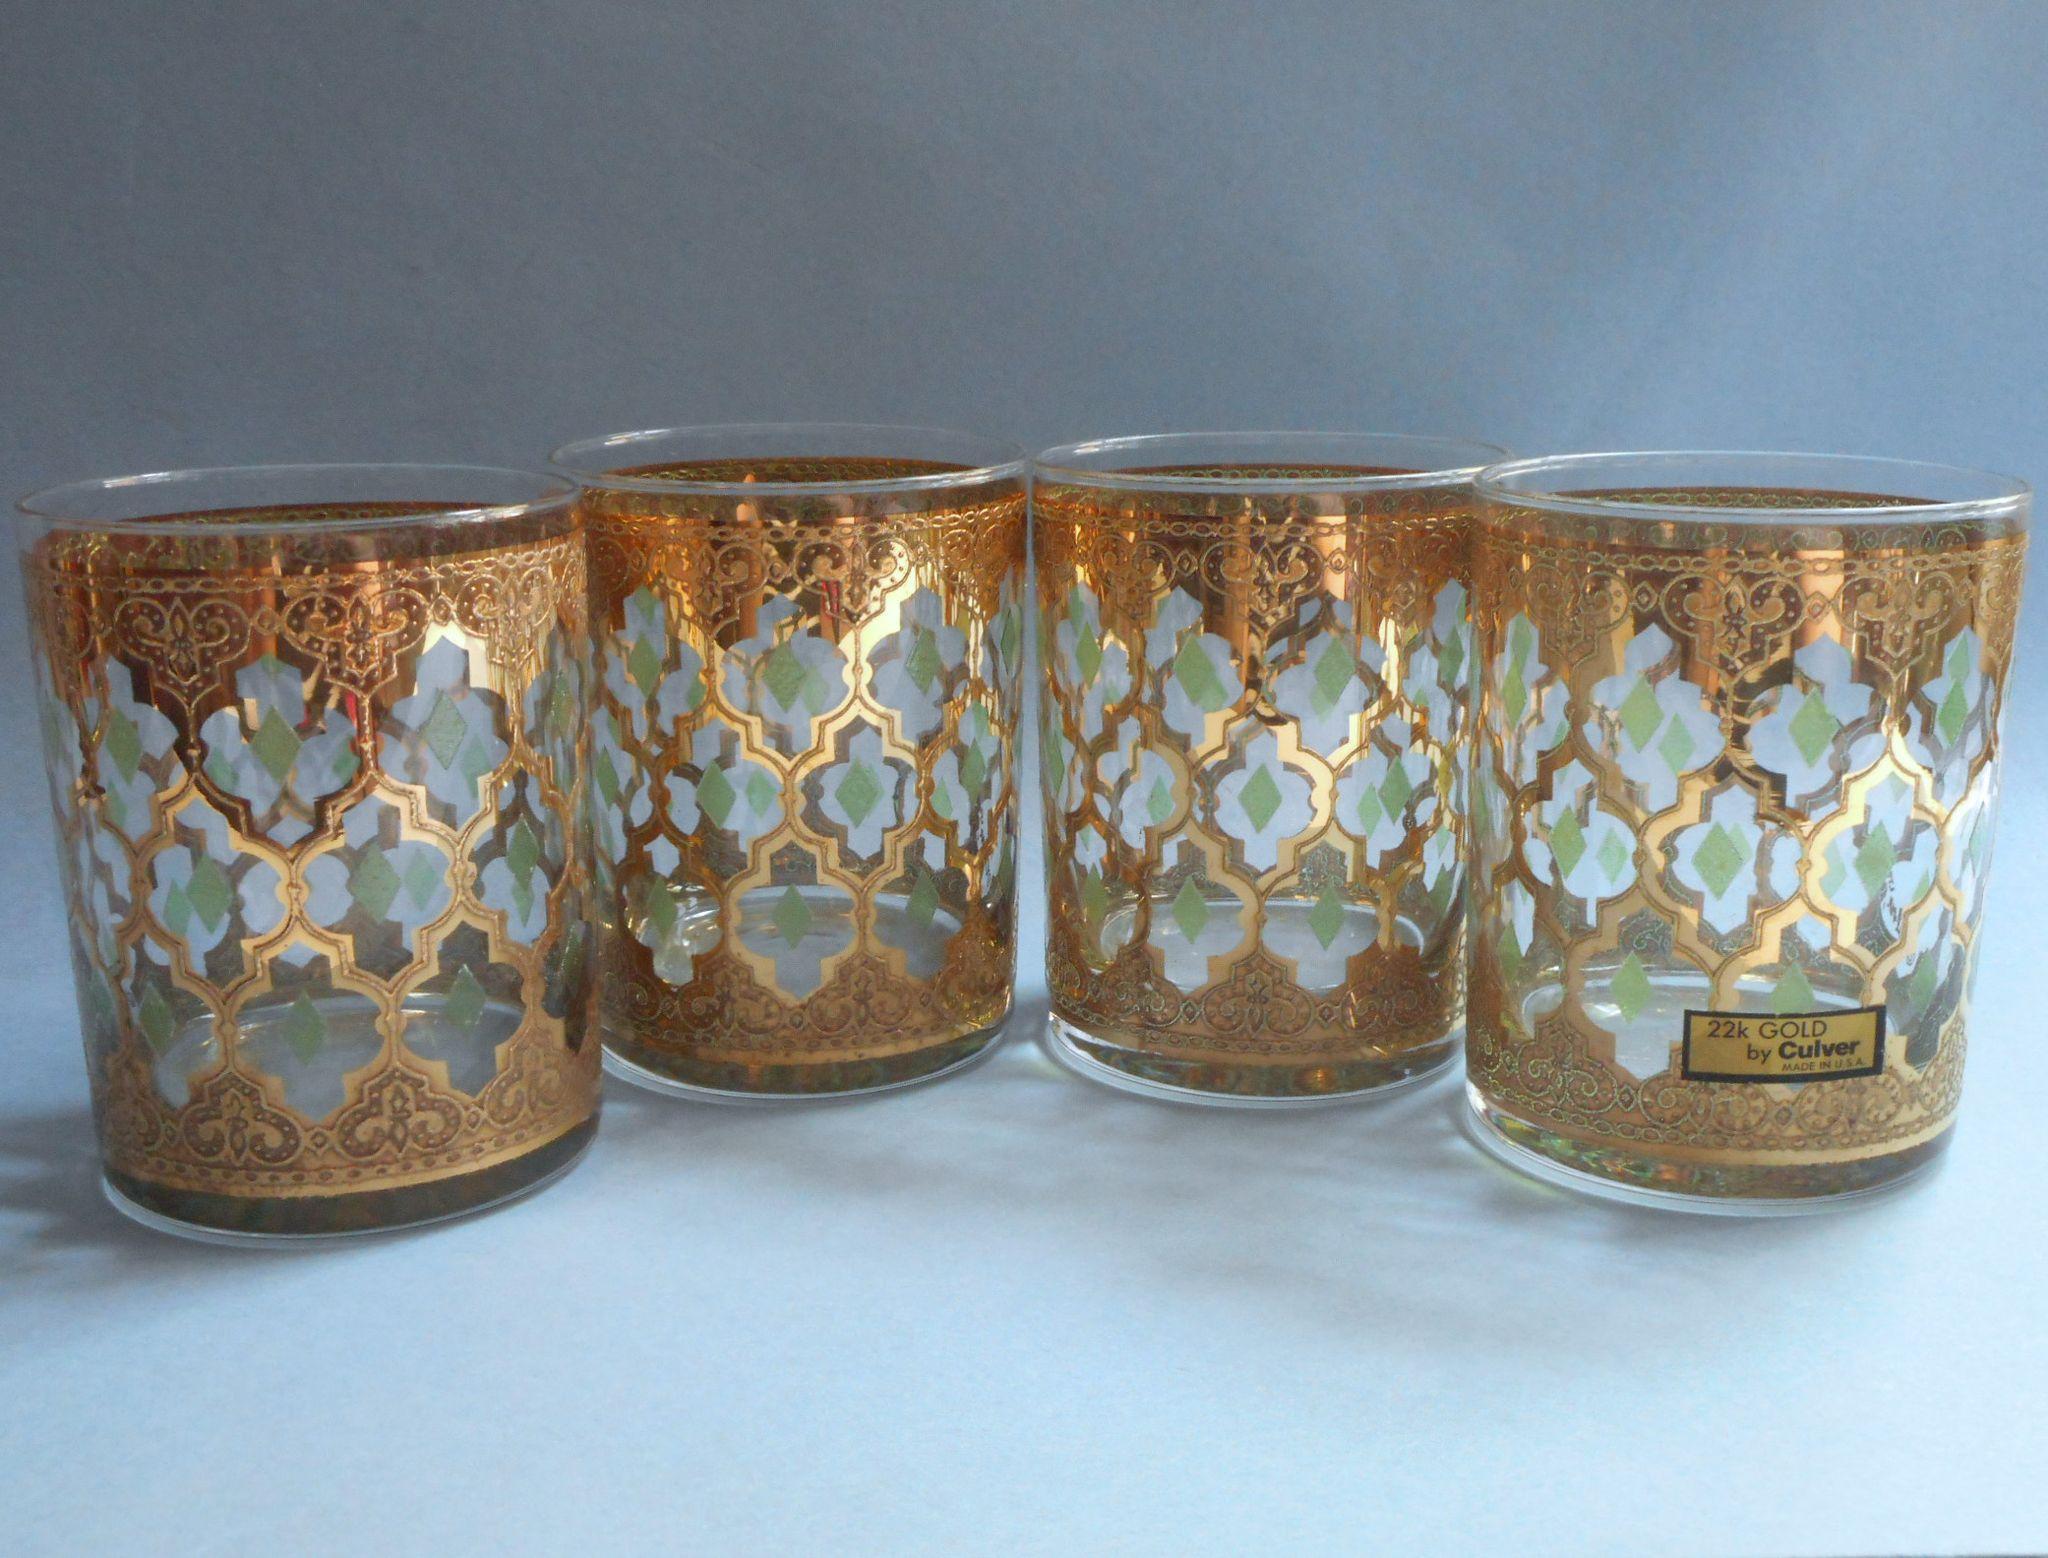 Culver valencia set 4 unused vintage glasses double old - Vintage valencia ...